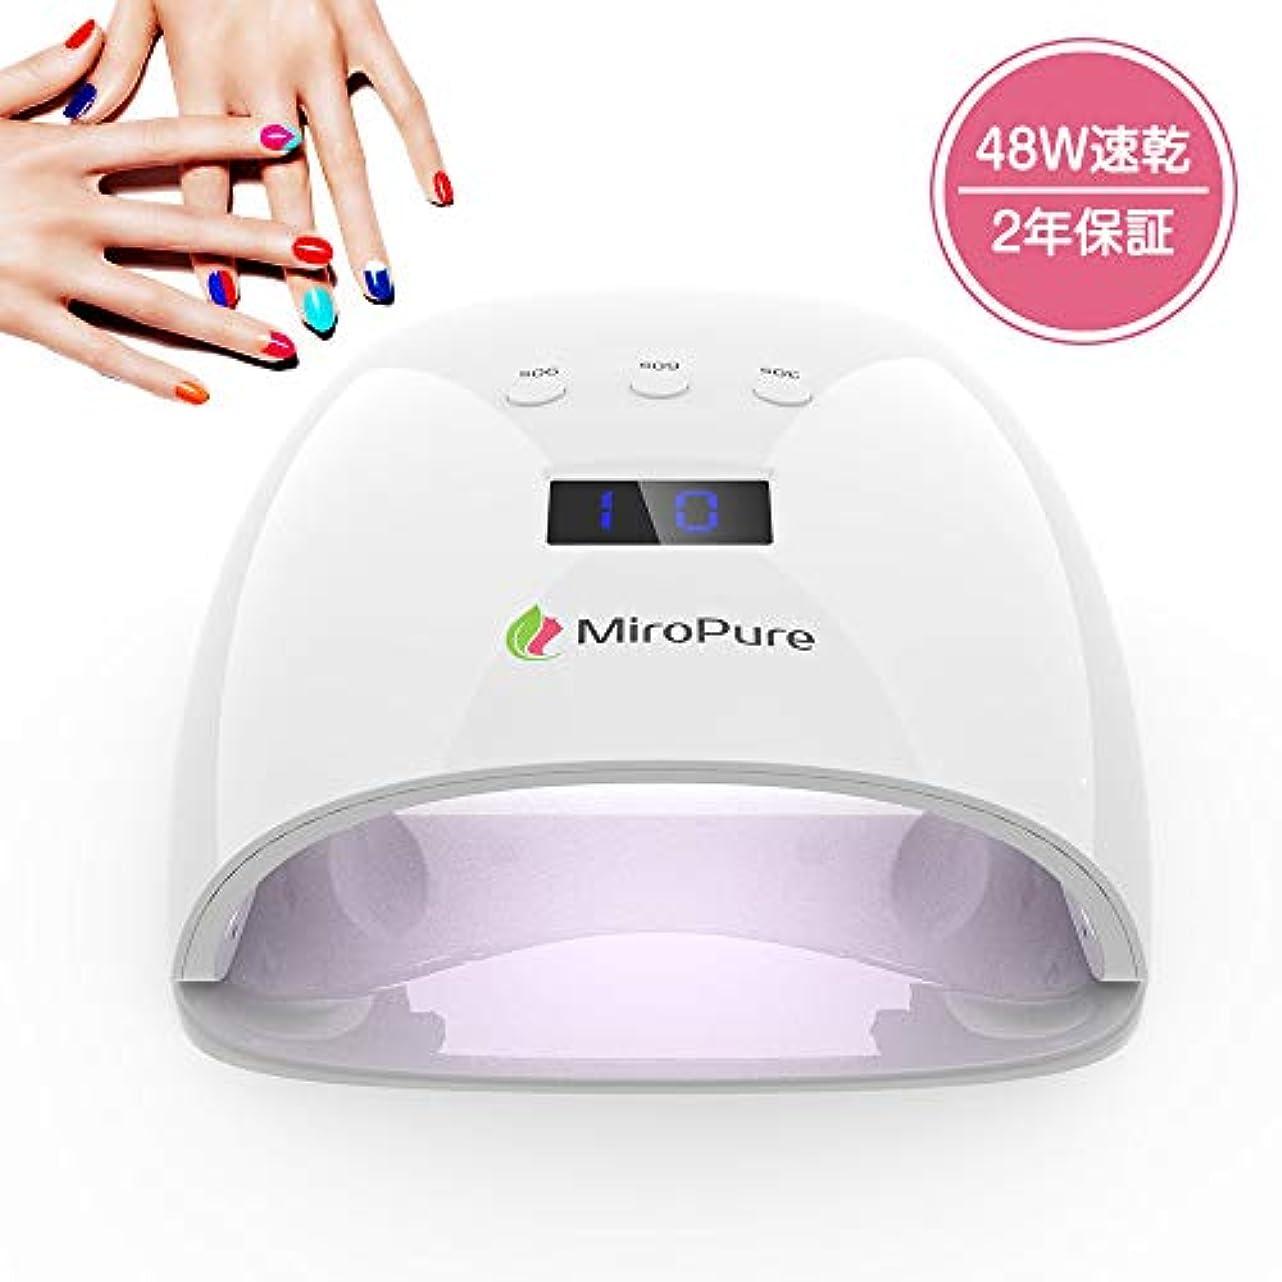 前にナプキンナビゲーションMiropure ネイルドライヤー 48W UV LED ライト 赤外線検知 自動オンオフ機能 3つタイマー設定 速乾 ハンドフット両用 日本語説明書付属 【24ヶ月保証付き】